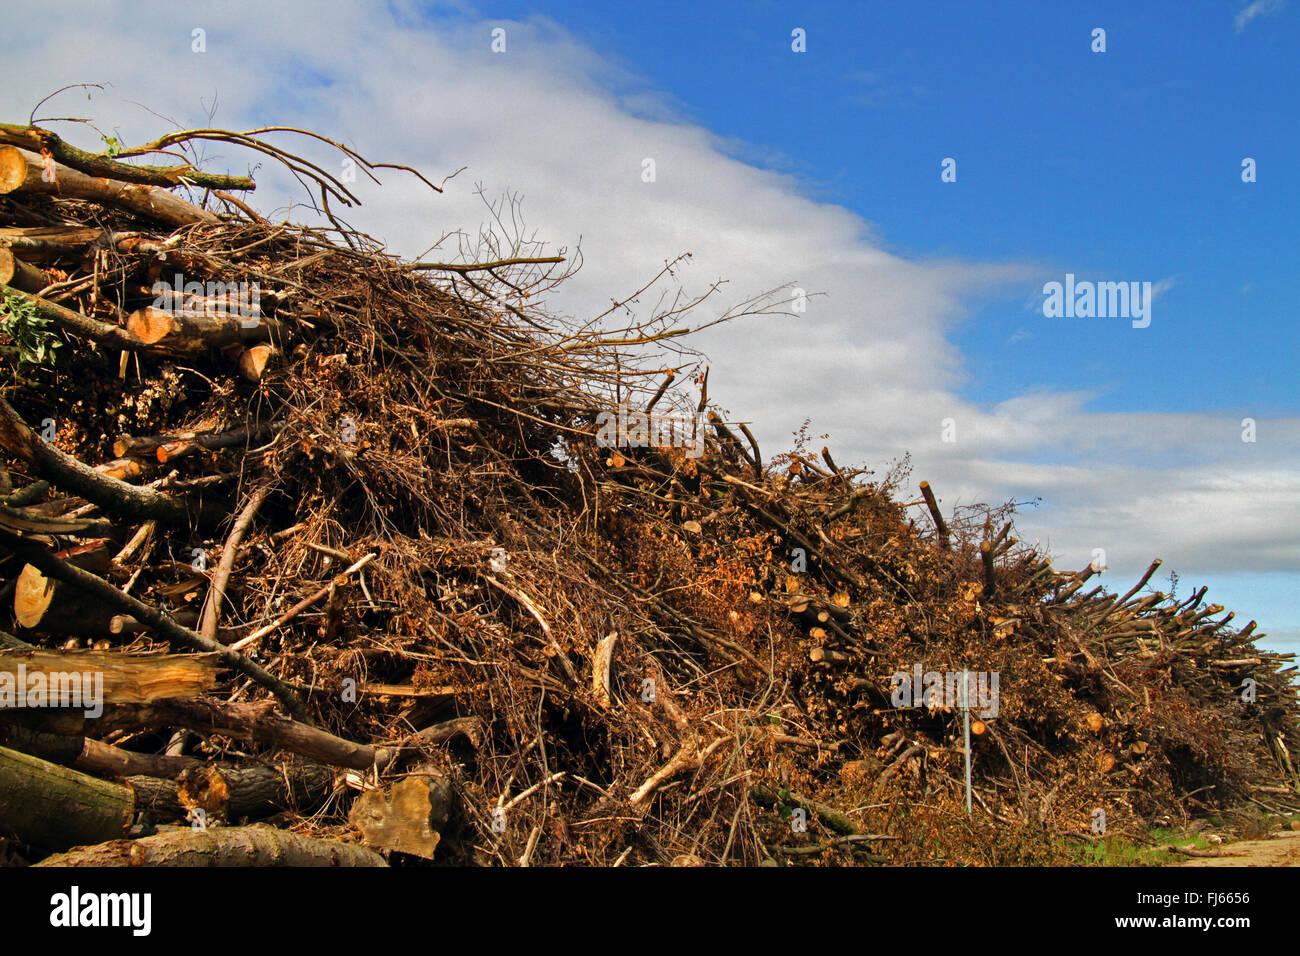 Le stockage du bois après le déboisement, Allemagne Photo Stock